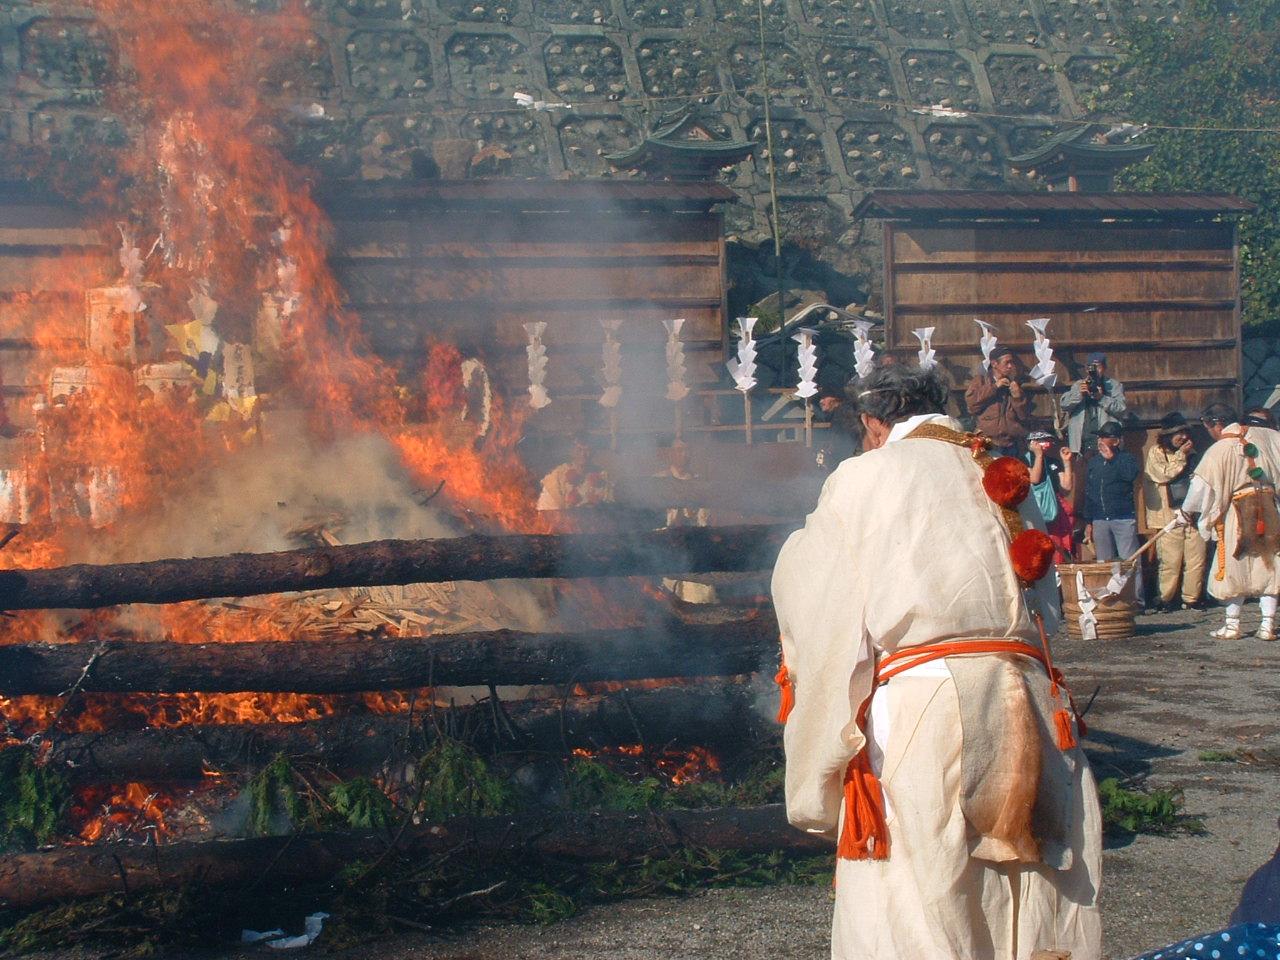 太郎坊宮『お火焚大祭』